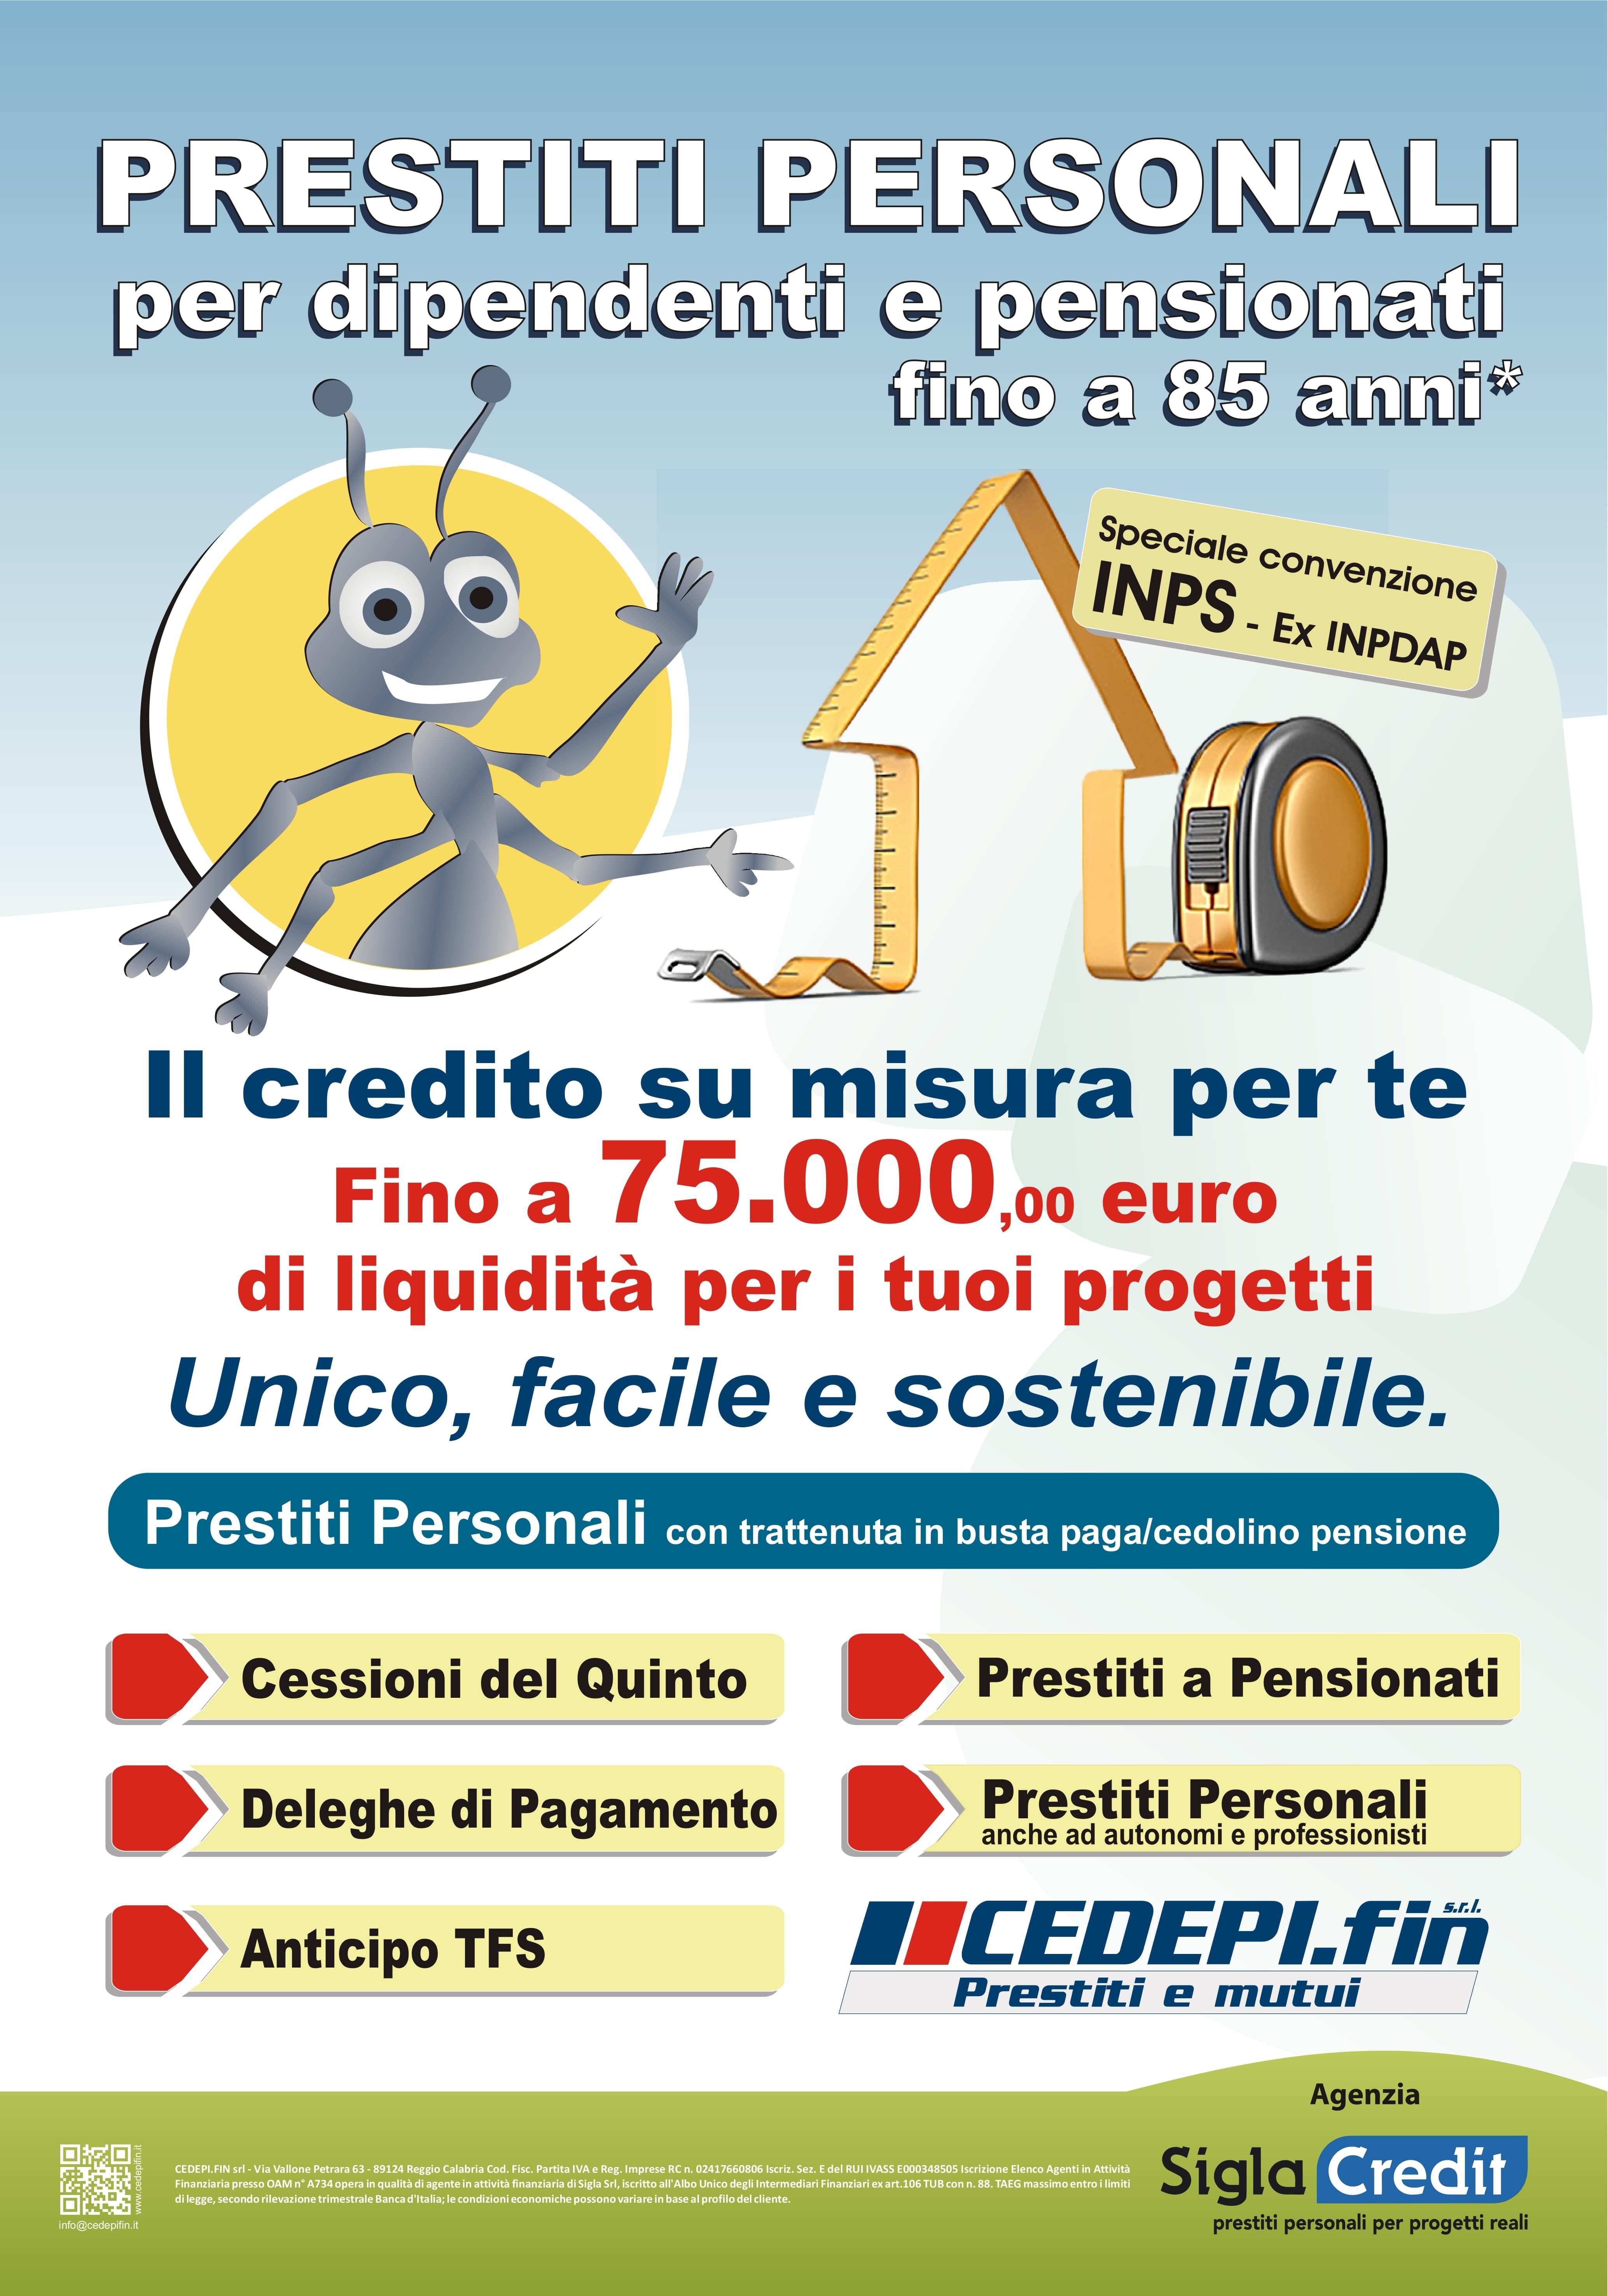 slogan-small-comunicazione-cedepifin